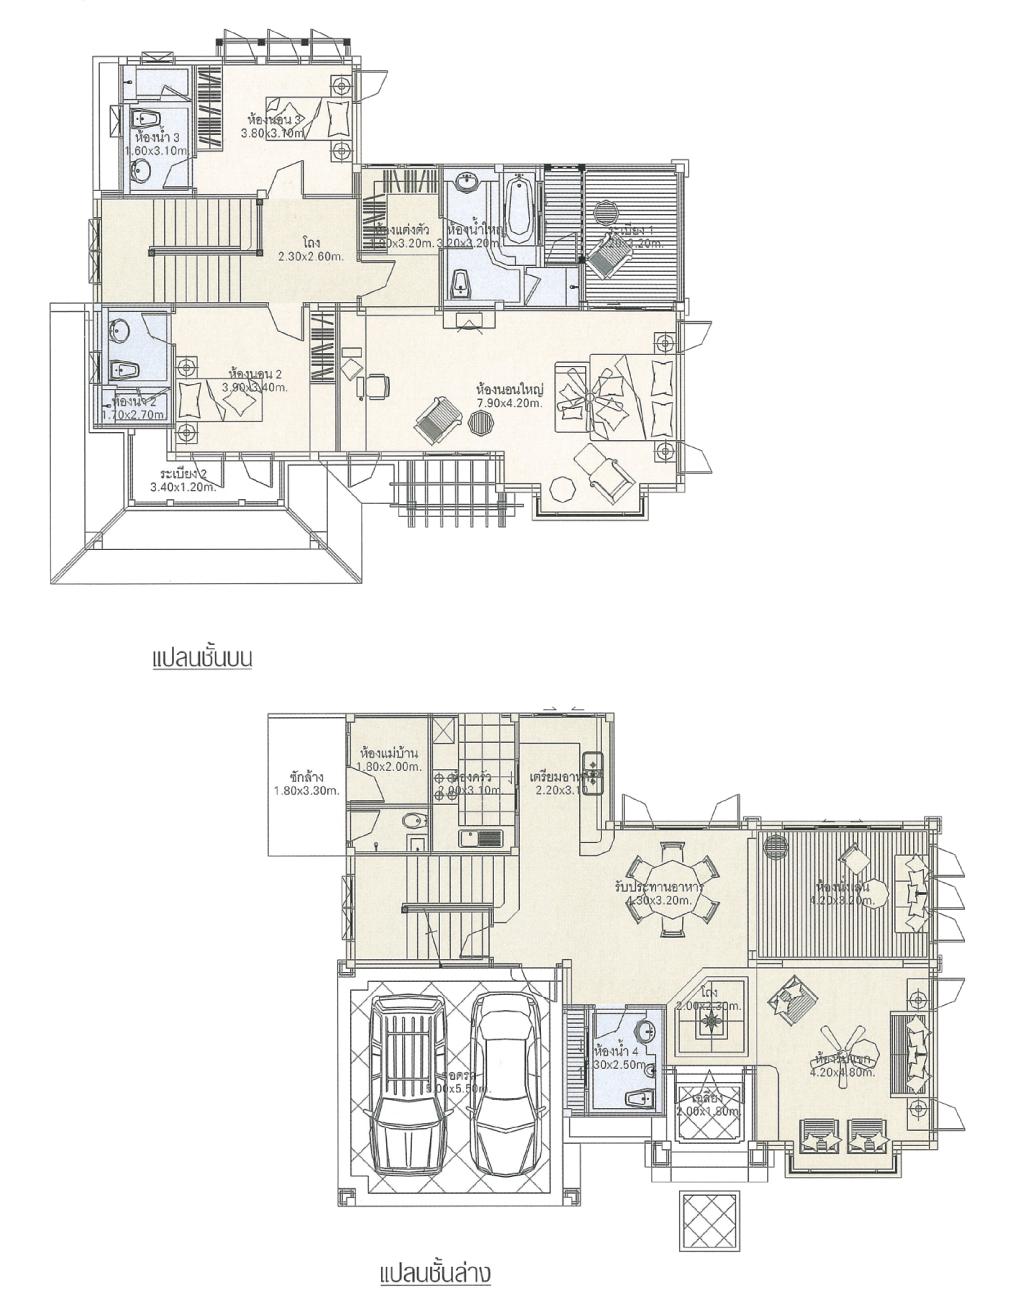 แบบบ้าน 2 ชั้น ราคา 2.51 ล้าน 3 ห้องนอน 4 ห้องน้ำ 251 ตร.ม (ออมทอง)